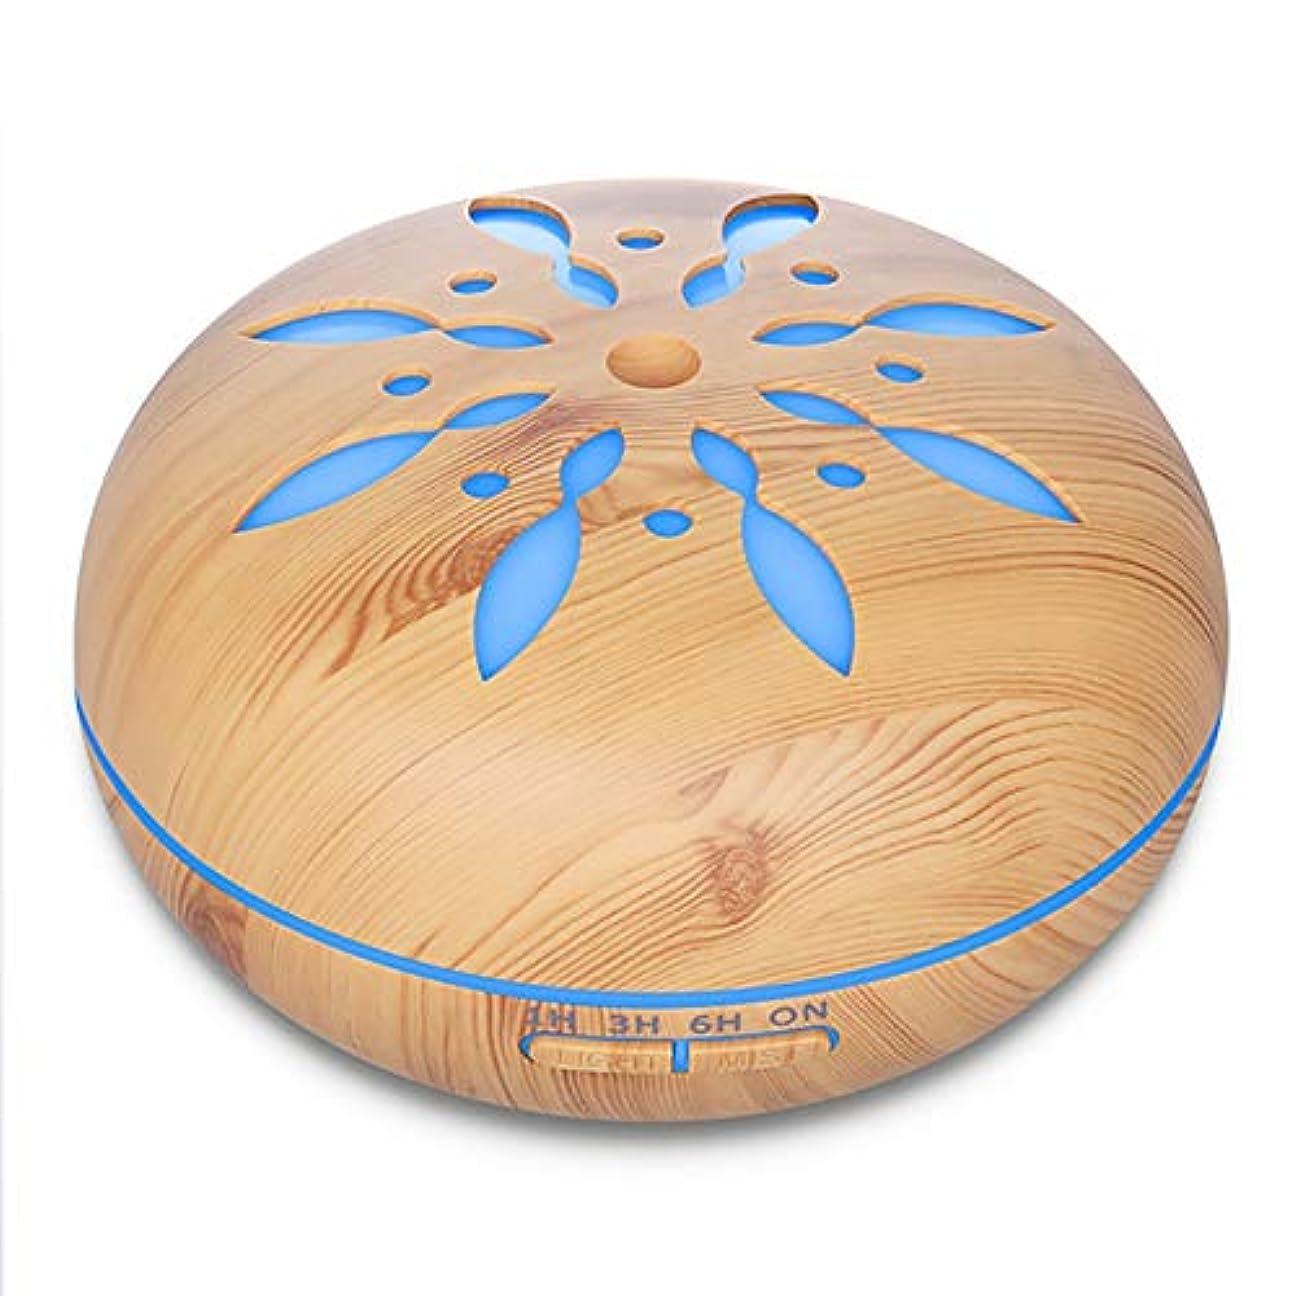 スリッパ集中的な救出アロマセラピー超音波加湿器300ml エッセンシャルオイルディフューザー7色 LED 4 タイマー空気清浄ベビー加湿器ホームオフィスベビーベッドルーム